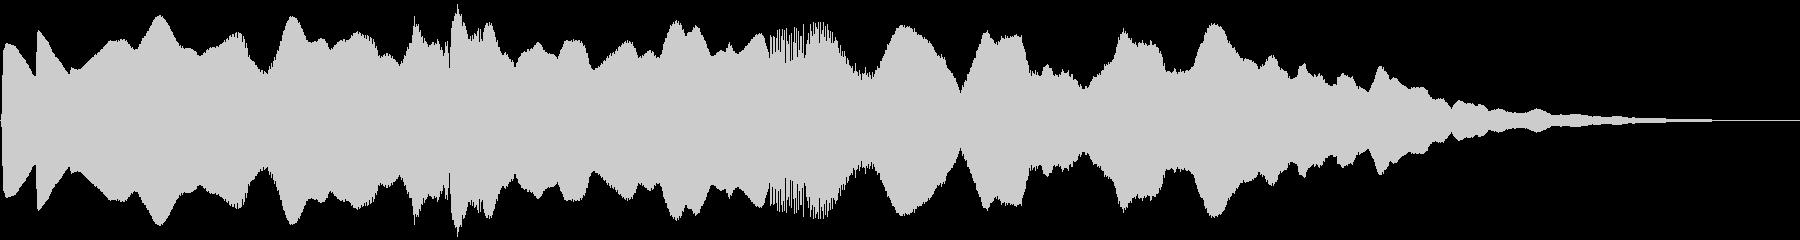 5秒CM、セール、イベント告知、場面転換の未再生の波形